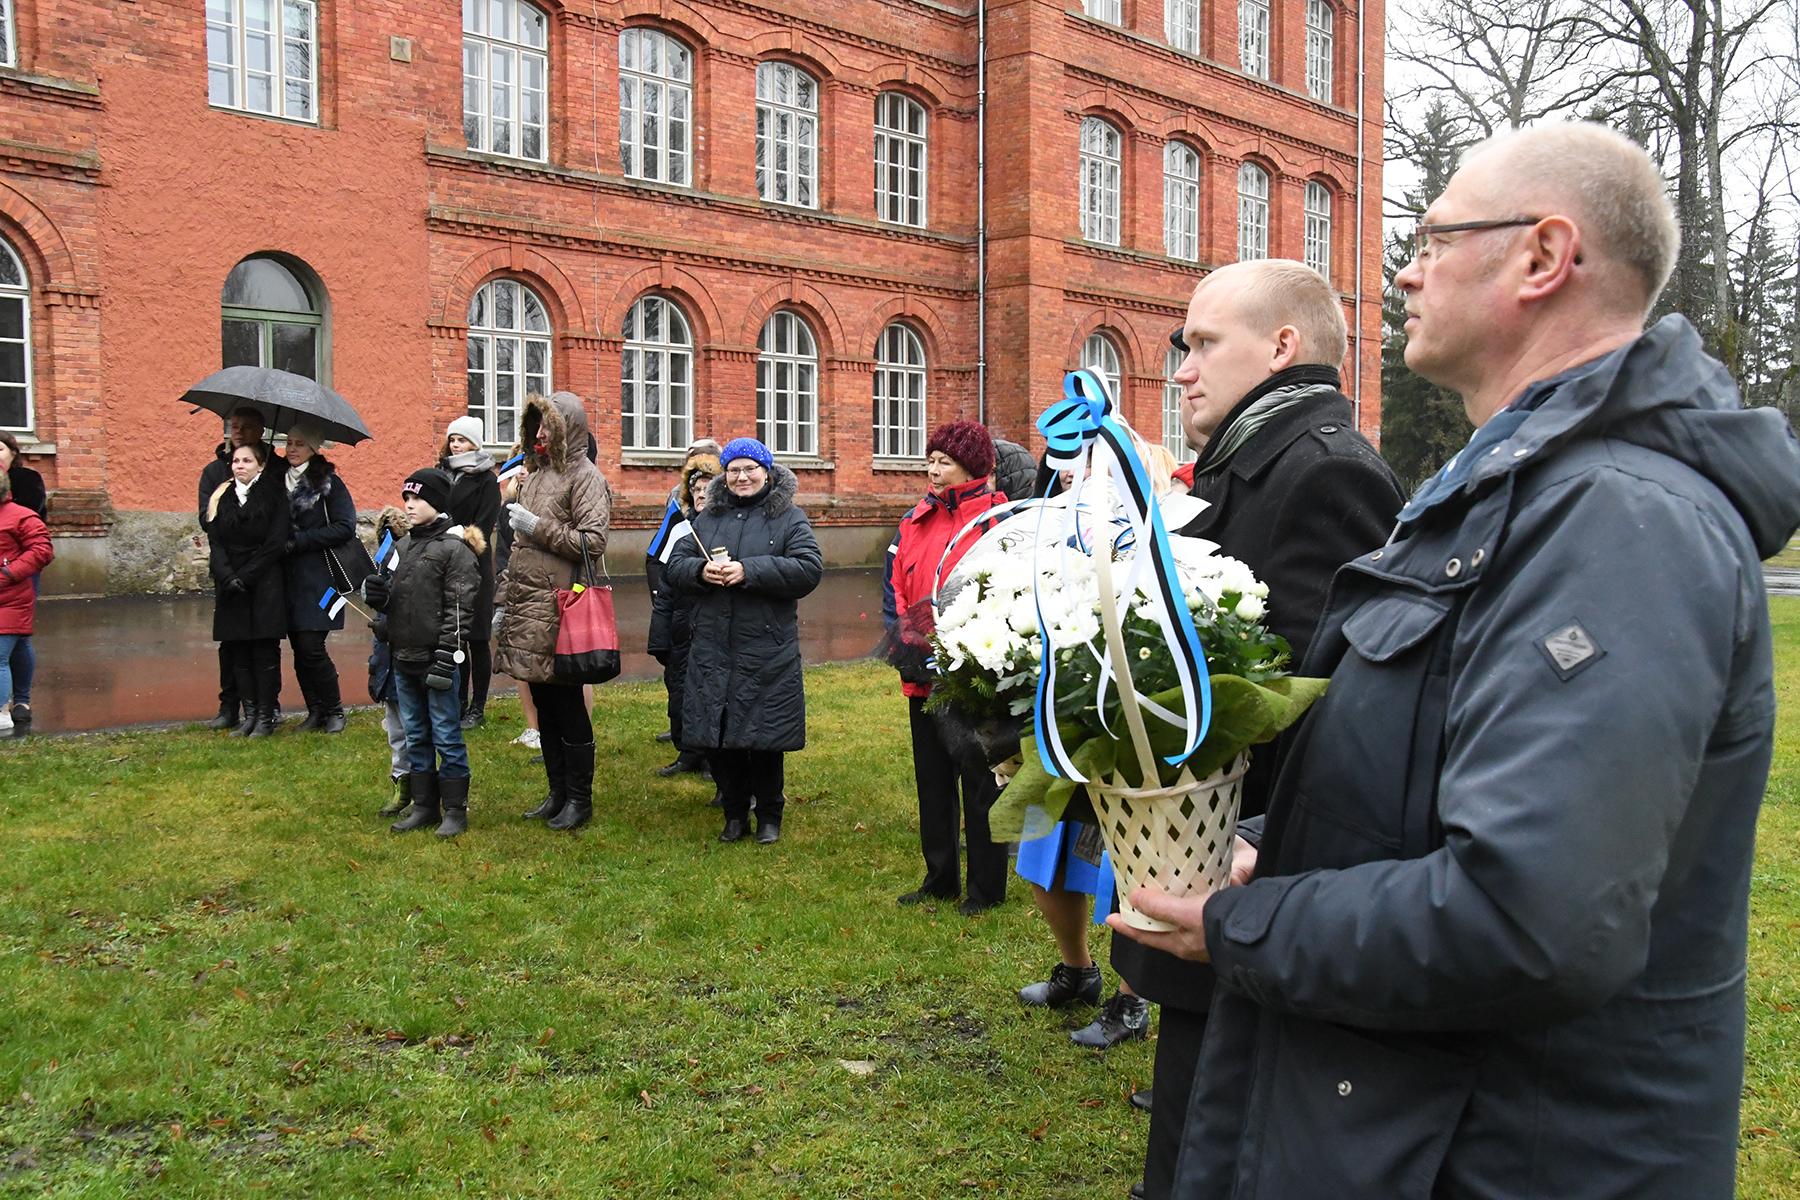 Eesti lipu seltsi Sindi osakonna liikmed Kardo Kase ja Ain Keerup lillekorvidega Seljamaa ausamba ees. Foto Urmas Saard